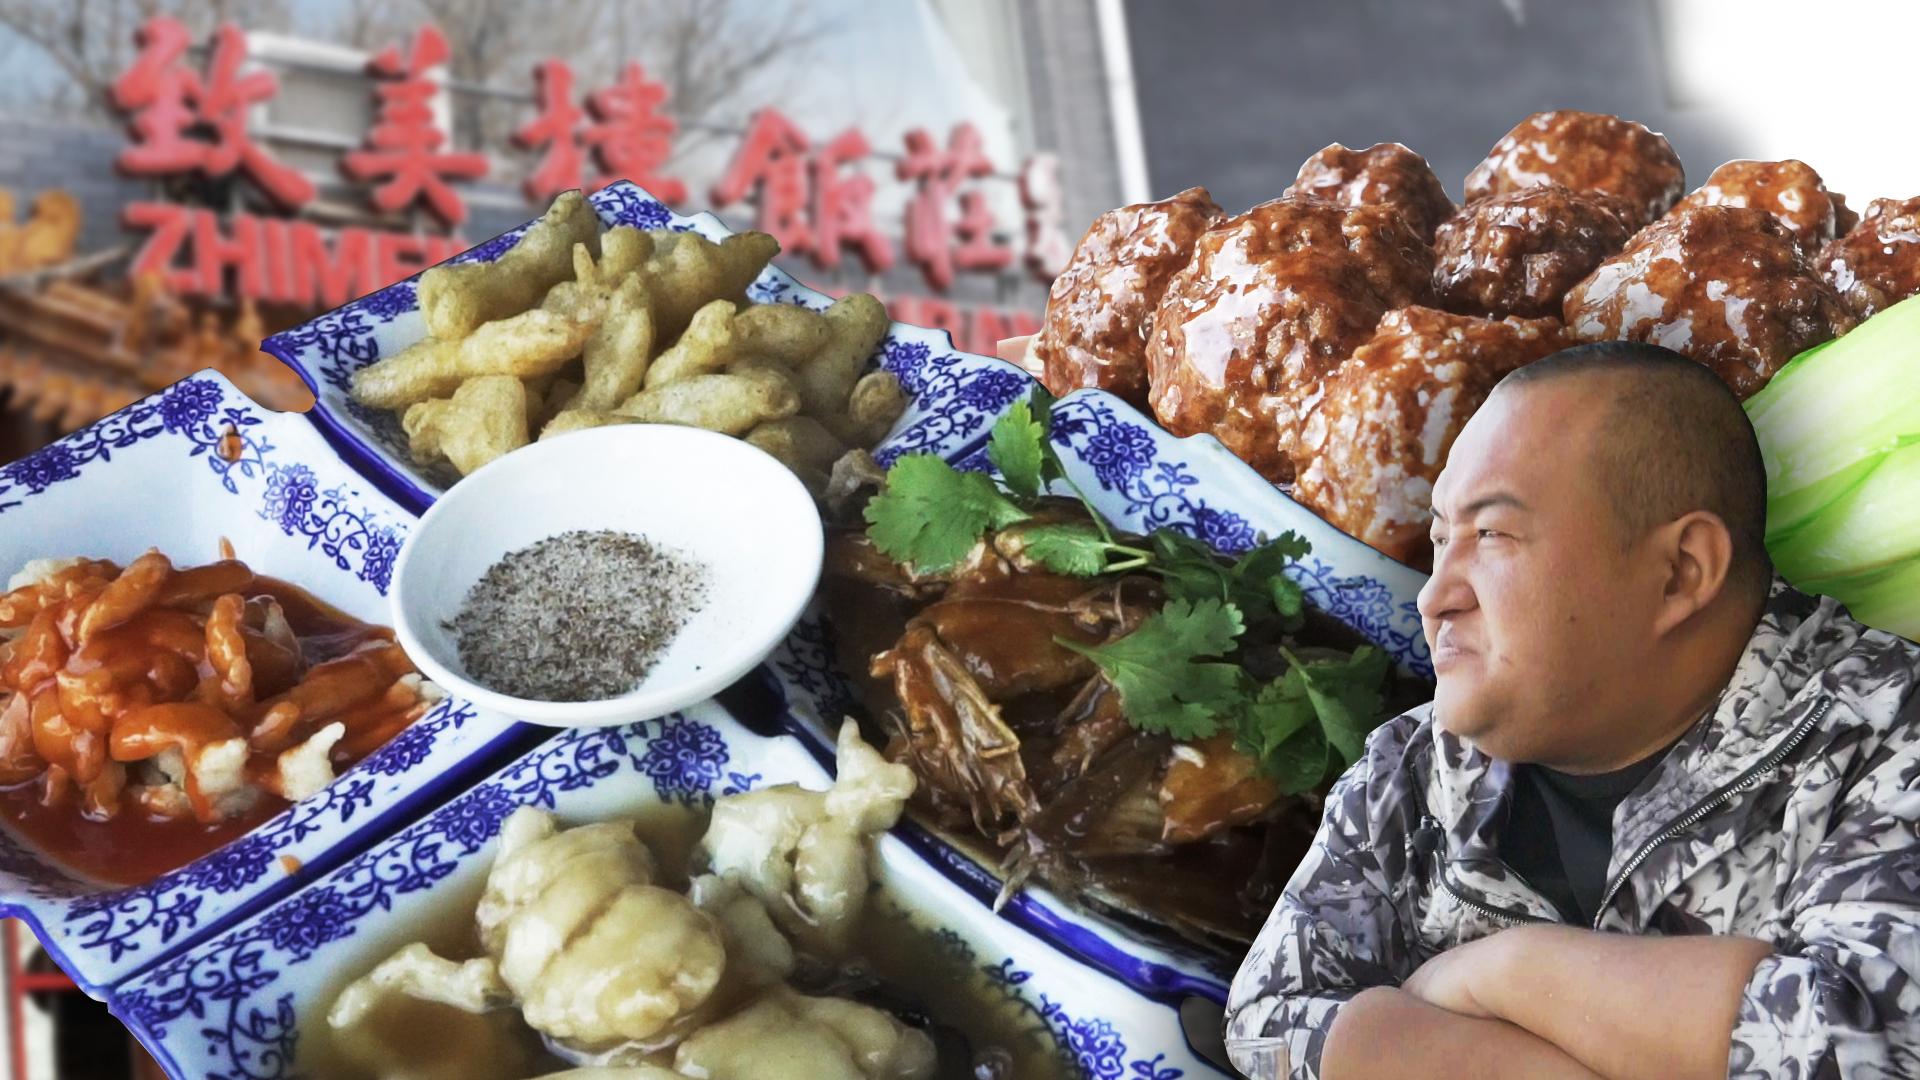 【吃货请闭眼】1842年营业的老字号!北京八大楼之一,看家菜鸡米锁双龙名动京城!